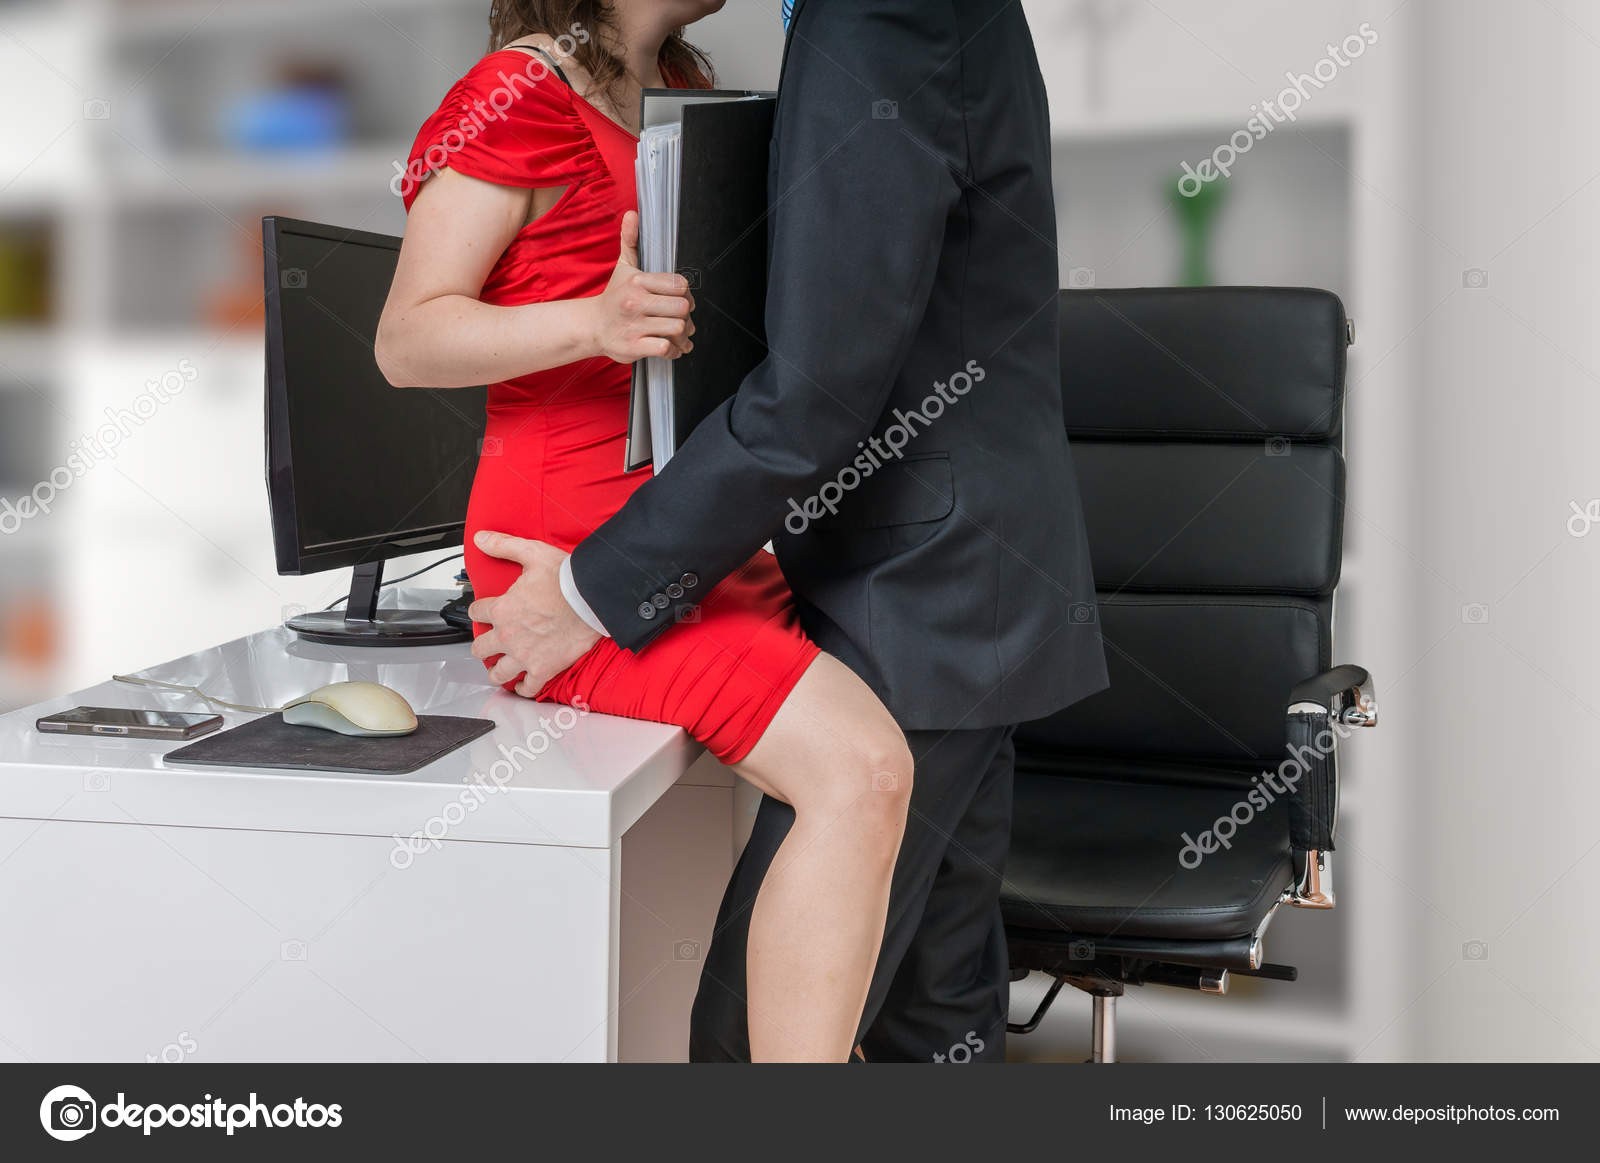 Смотреть трахнул сантехник чужую жену, Сантехник трахает на полу кухни чужую ебливую жену 21 фотография